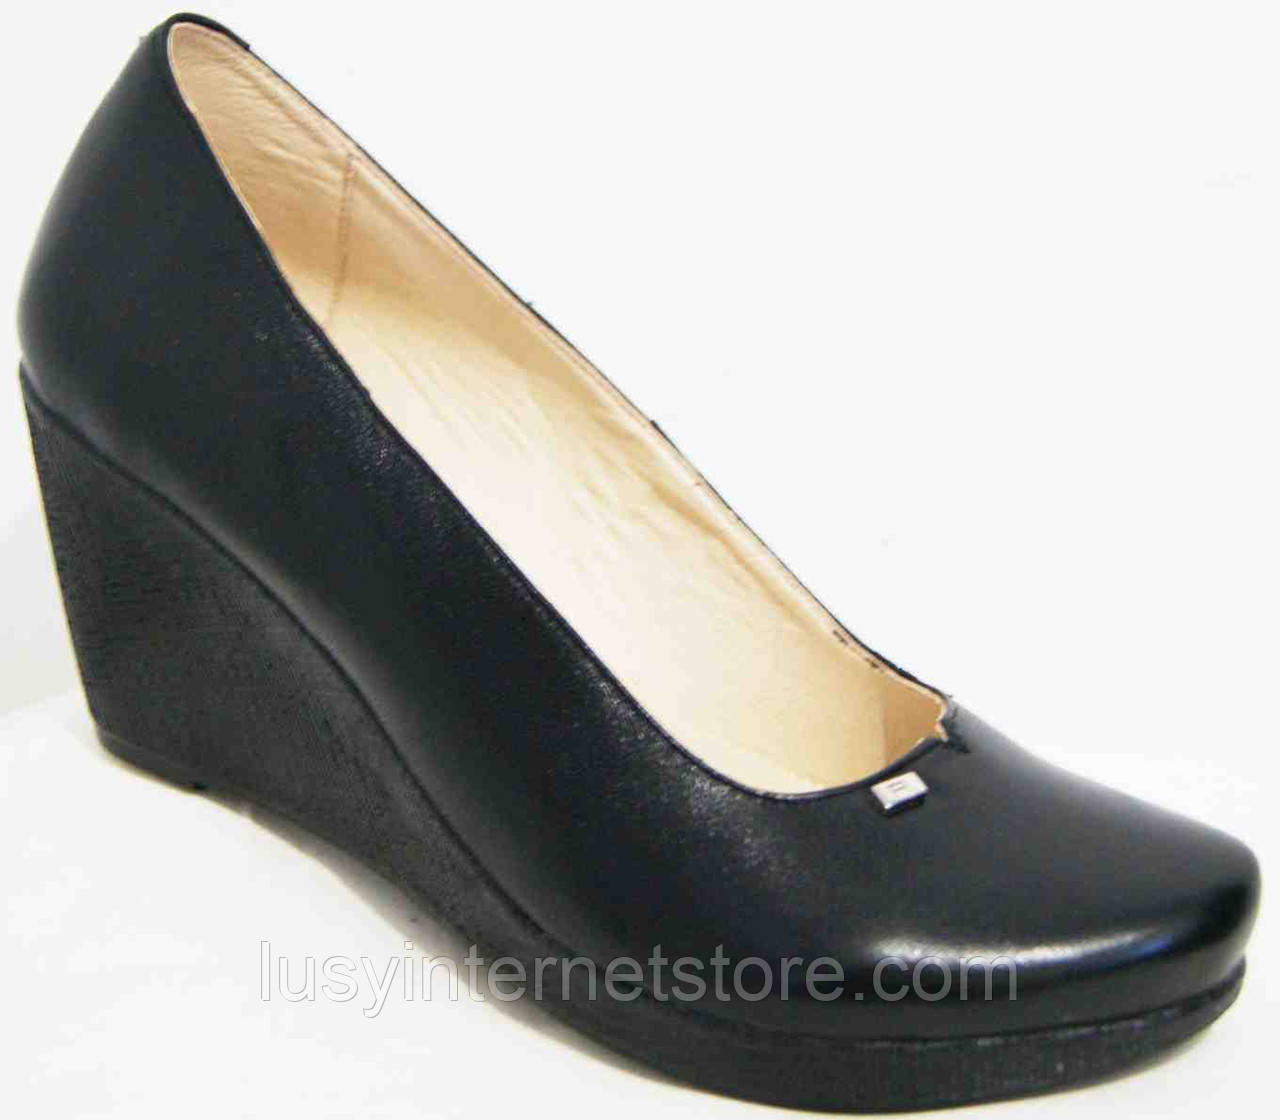 64b588466 Туфли женские большого размера на платформе, женские туфли великаны от  производителя модель МИ5160К - Lusy